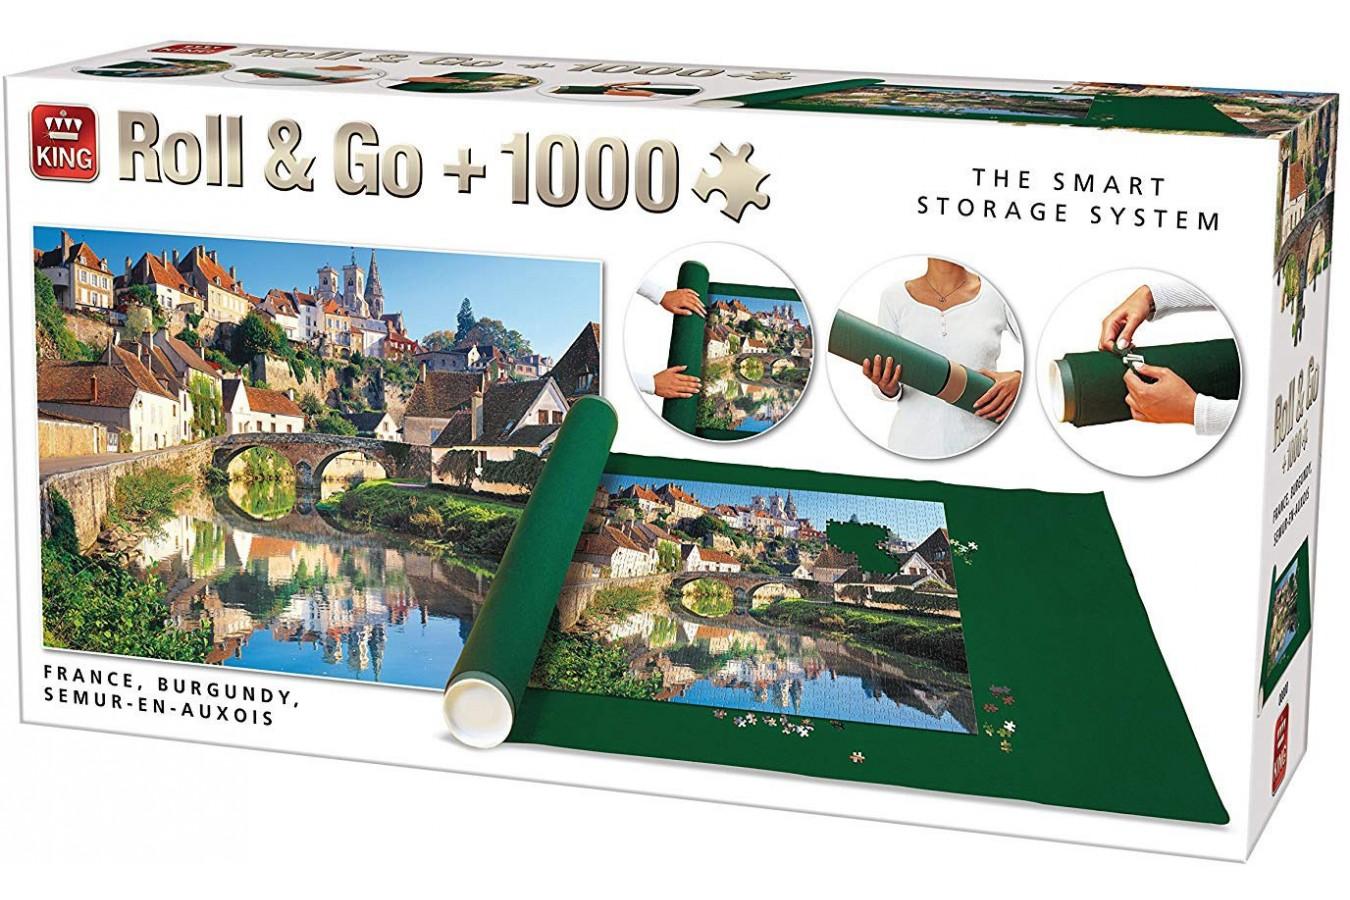 Covor Pentru Puzzle King, 300-1000 Piese + Puzzle Semur-en-Auxois, France, 1.000 piese (05340) imagine